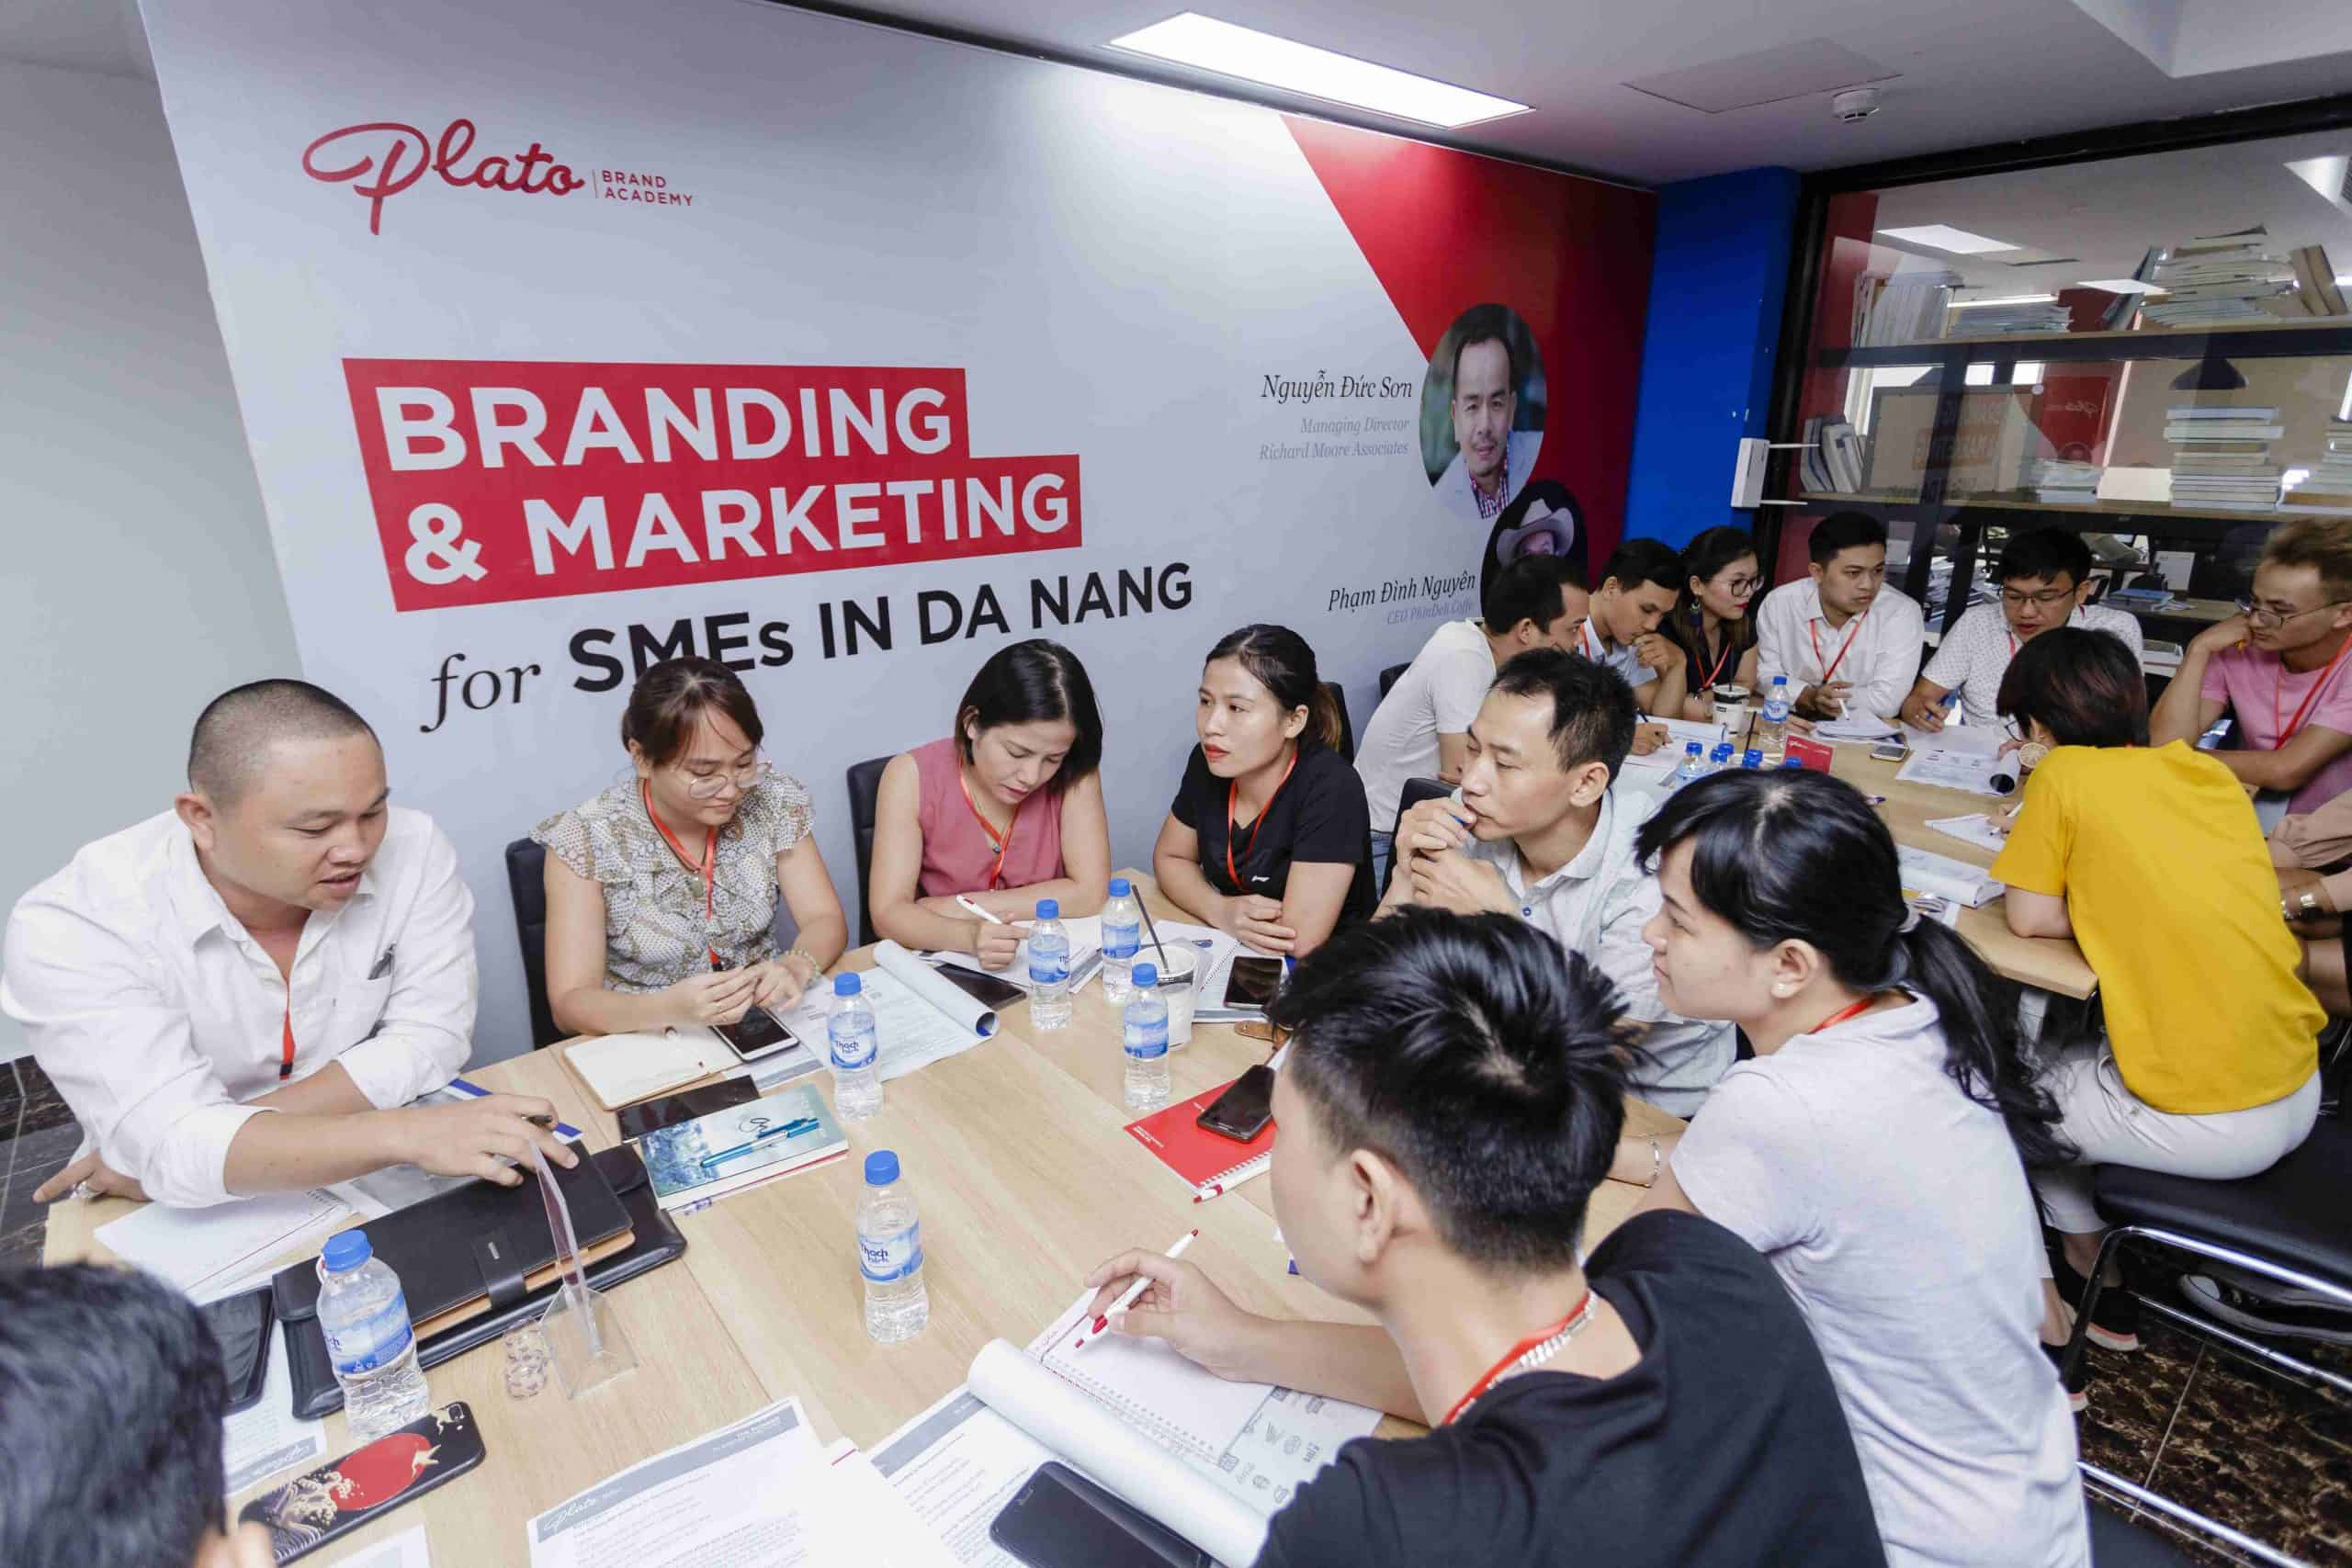 Khóa huấn luyện xây dựng thương hiệu và Marketing Đà Nẵng